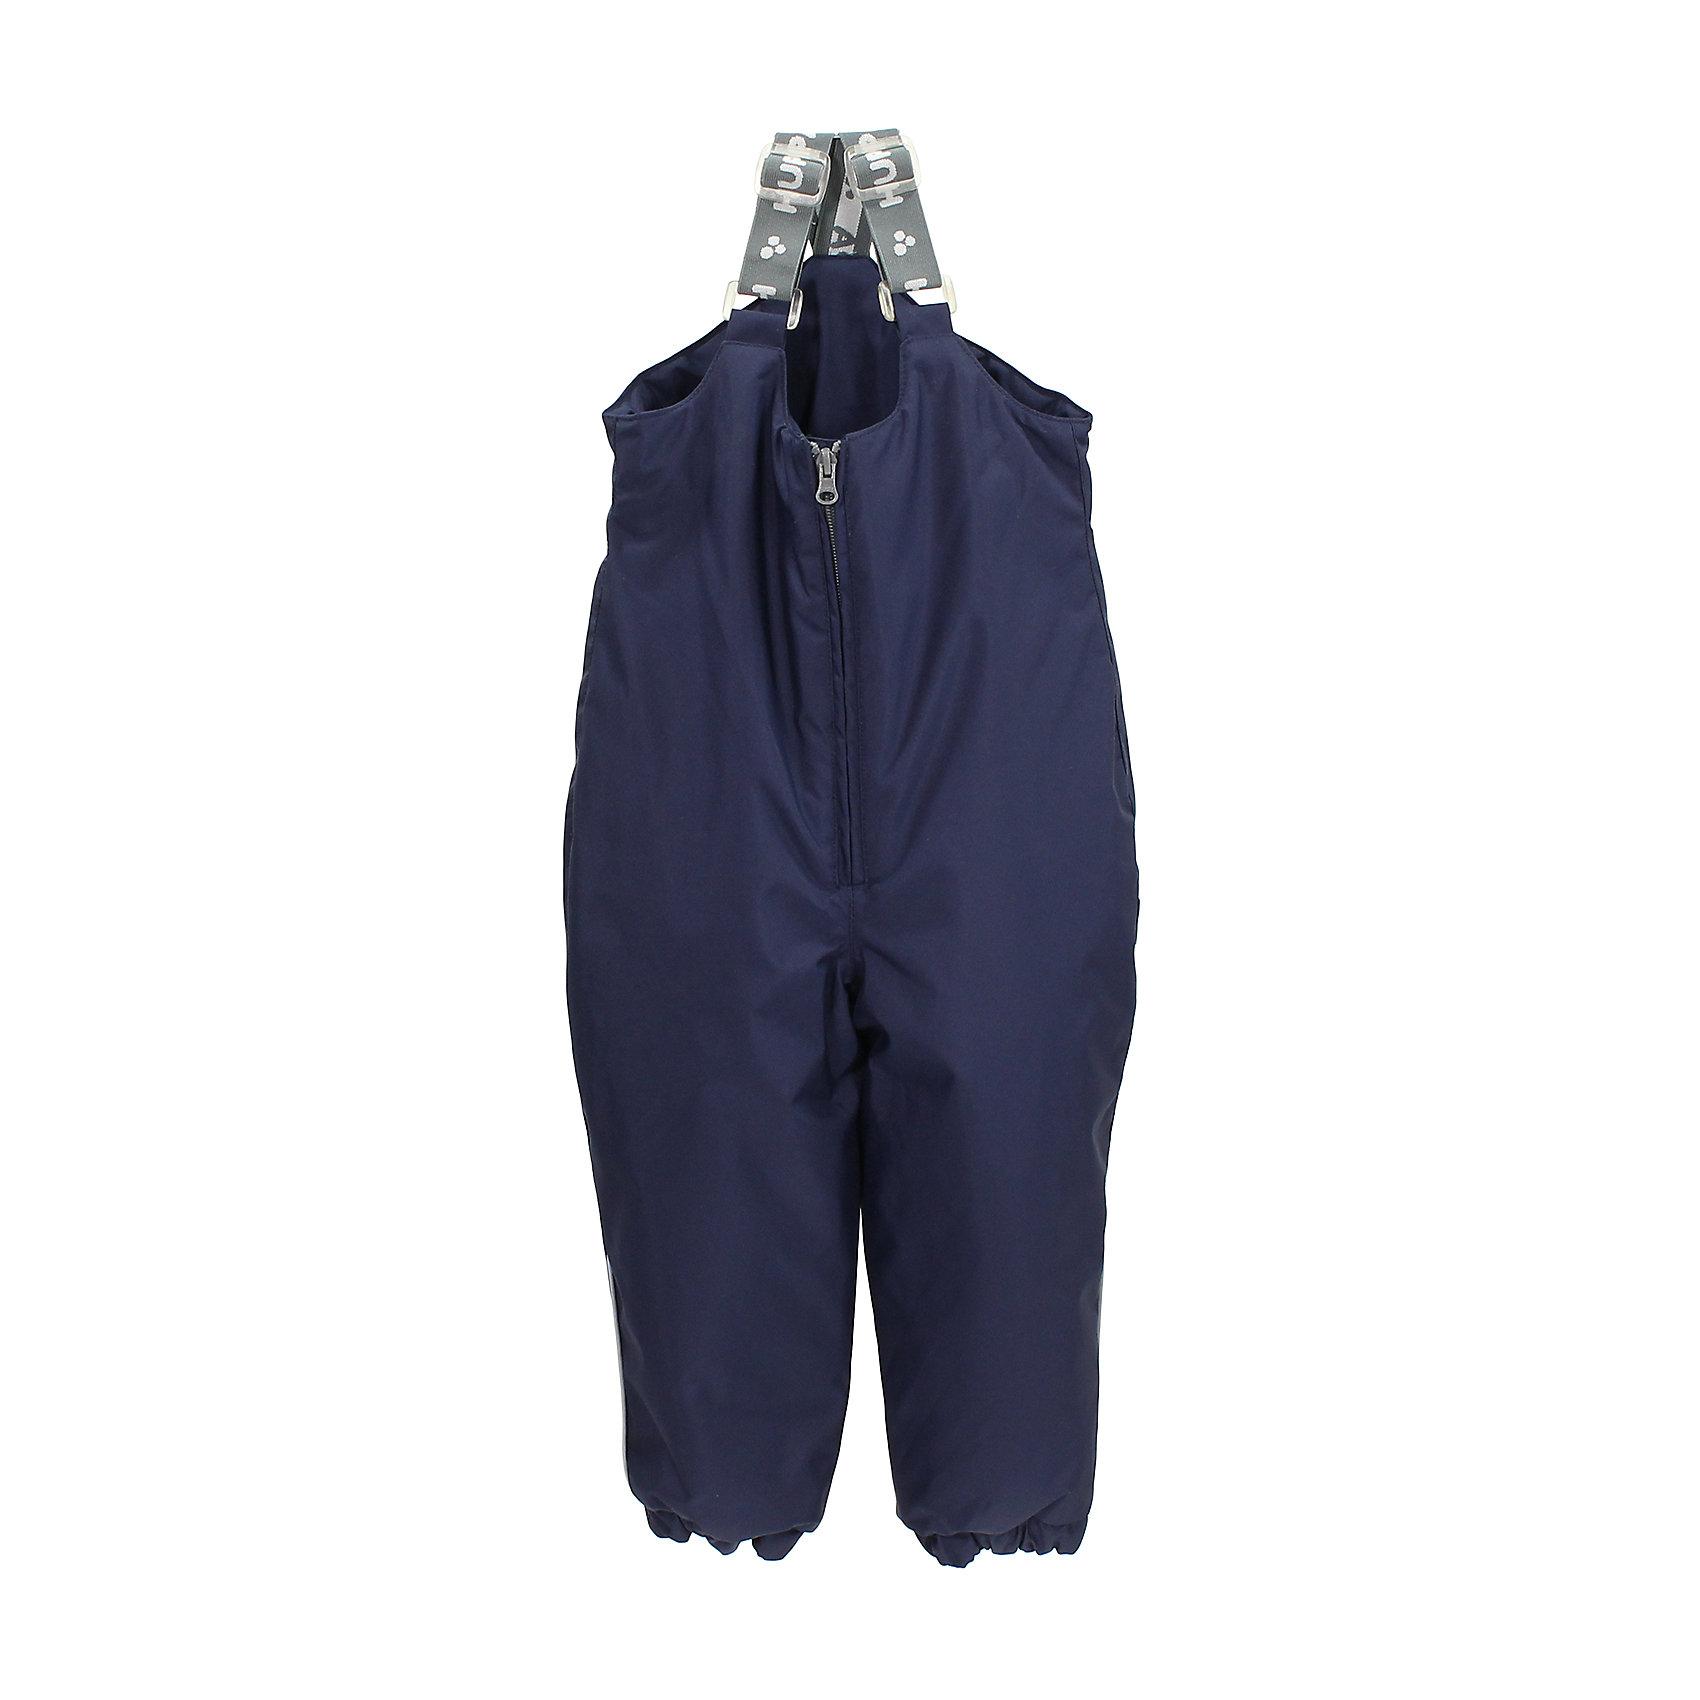 Полукомбинезон для мальчика HuppaКлассические зимние брюки для малышей с высоким поясом. У брюк приятная хлопковая фланелевая подкладка и отлично подходящая для нашего климата дышащая и водоотталкивающая ткань. Для удобства одевания маленького ребенка на брюках имеются регулируемые резиновые подтяжки, длинный замок и нижний край штанин на резинке. На брюках имеются надевающиеся под подошву резинки, которые предотвращают попадание снега в сапог, а светоотражающие детали в боковых швах позволят безопасно играть в снегу и более темное время.<br>Huppa (Хуппа)Therm 160 грамм<br> Высокотехнологичный лёгкий синтетический утеплитель нового поколения, сохраняет объём и высокую теплоизоляцию изделия, а также легко стирается и быстро сохнет.<br>Влагоустойчивая и дышащая ткань 10 000/ 10 000<br>Мембрана препятствует прохождению воды и ветра сквозь ткань внутрь изделия, позволяя испаряться выделяемой телом, образовывающейся внутри влаге.<br>Проклеенные швы<br>Для максимальной влагонепроницаемости изделия, важнейшие швы проклеены водостойкой лентой.<br>Прочная ткань<br>Сплетения волокон в тканях выполнены по специальной технологии, которая придаёт ткани прочность и предохранят от истирания.<br>Светоотражательные детали<br>При плохих погодных условиях или в темноте, когда свет падает на одежду, он отражается, делая ребёнка более заметным, уменьшая возможность несчастных случаев.<br><br>Дополнительная информация:<br><br>Температурный режим: от 0° до -25°С<br>Ткань: 100% полиэстер<br>Подкладка: фланель - 100% хлопок<br>Утеплитель: 100% полиэстер 160г.<br>Шаговый шов проклеены<br><br>Полукомбинезон для мальчика Huppa (Хуппа) можно купить в нашем магазине.<br><br>Ширина мм: 215<br>Глубина мм: 88<br>Высота мм: 191<br>Вес г: 336<br>Цвет: синий<br>Возраст от месяцев: 12<br>Возраст до месяцев: 18<br>Пол: Мужской<br>Возраст: Детский<br>Размер: 86,80,92,98,104<br>SKU: 4242346